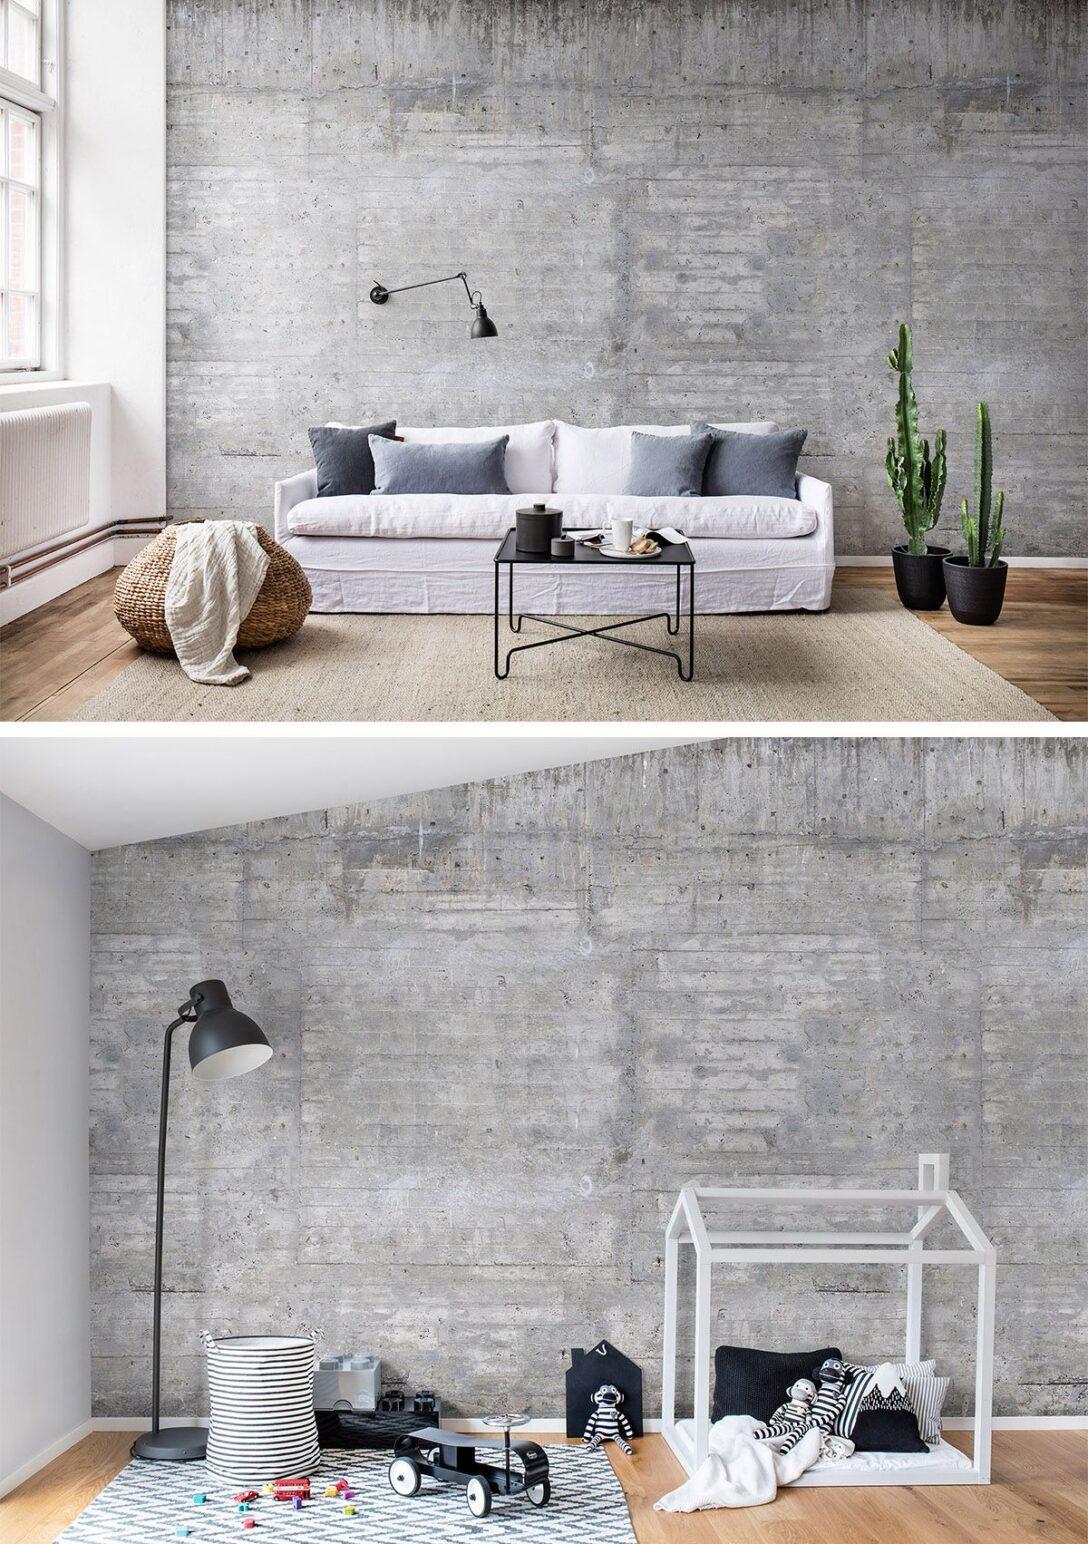 Large Size of Wooden Concrete In 2020 Wandgestaltung Tapete Indirekte Beleuchtung Wohnzimmer Schrankwand Deckenlampe Fototapeten Hängeschrank Vitrine Weiß Led Wohnzimmer Wohnzimmer Tapeten